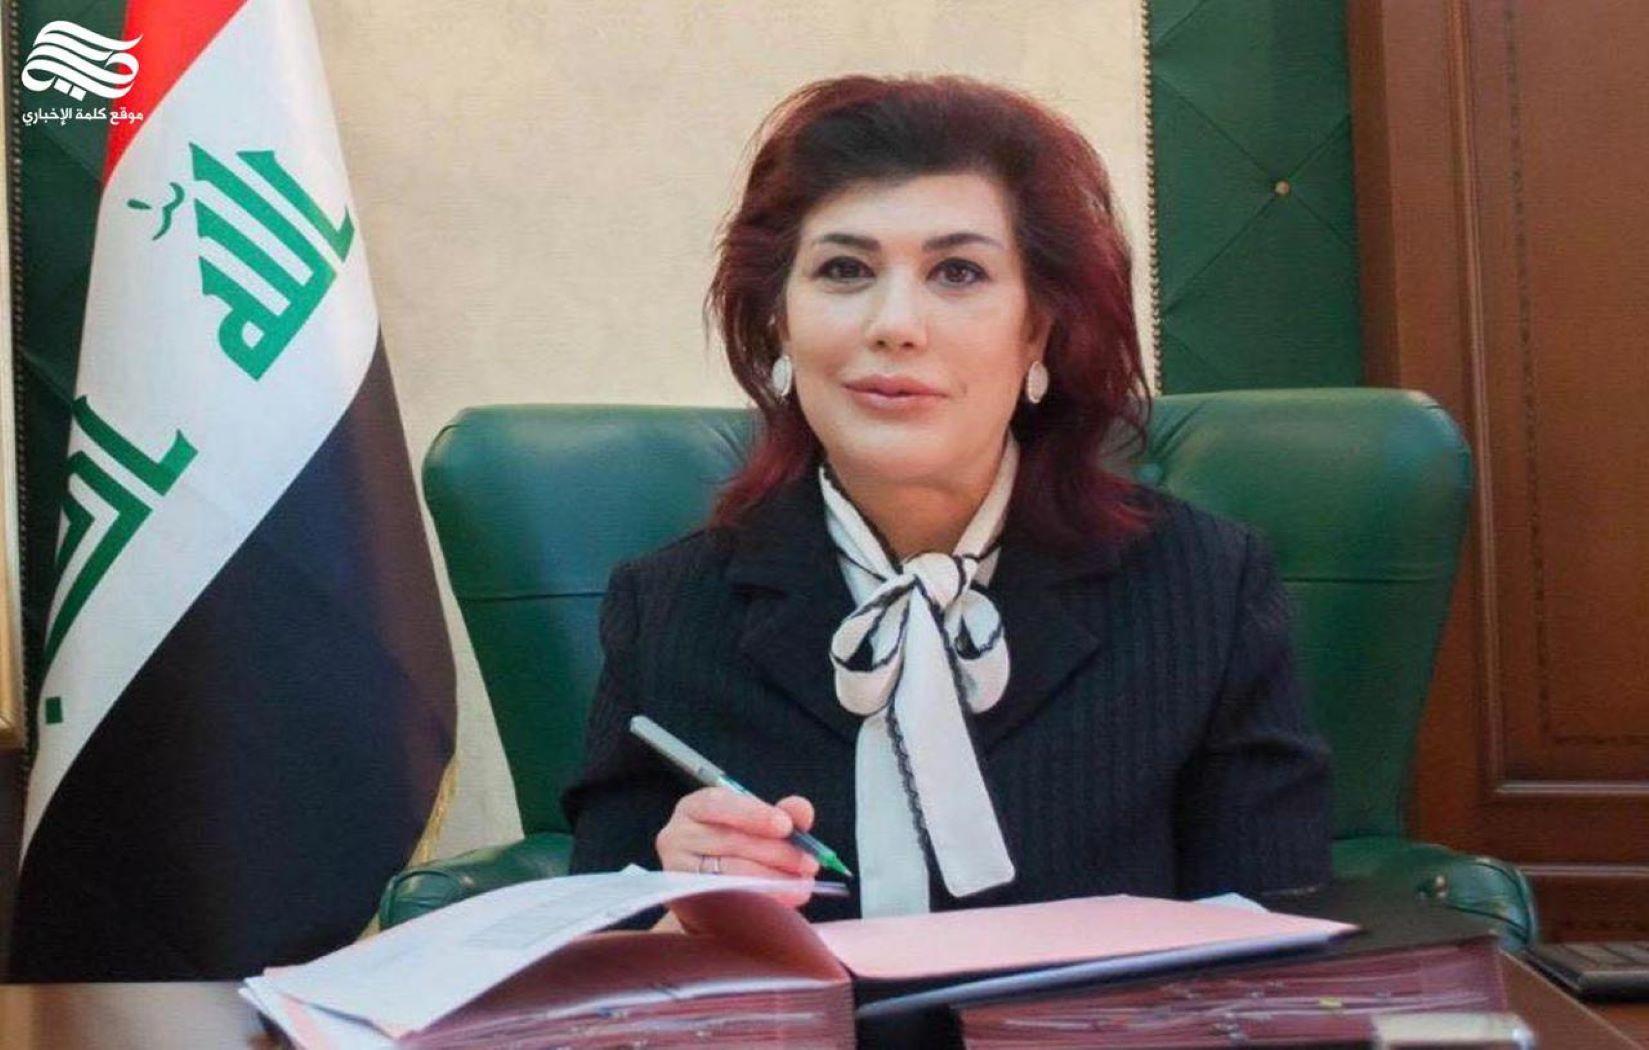 بغداد تستضيف أعمال المؤتمر الوزاري الإقليمي الـ (36) لدول الشرق الادنى وشمال أفريقيا في شباط 2022